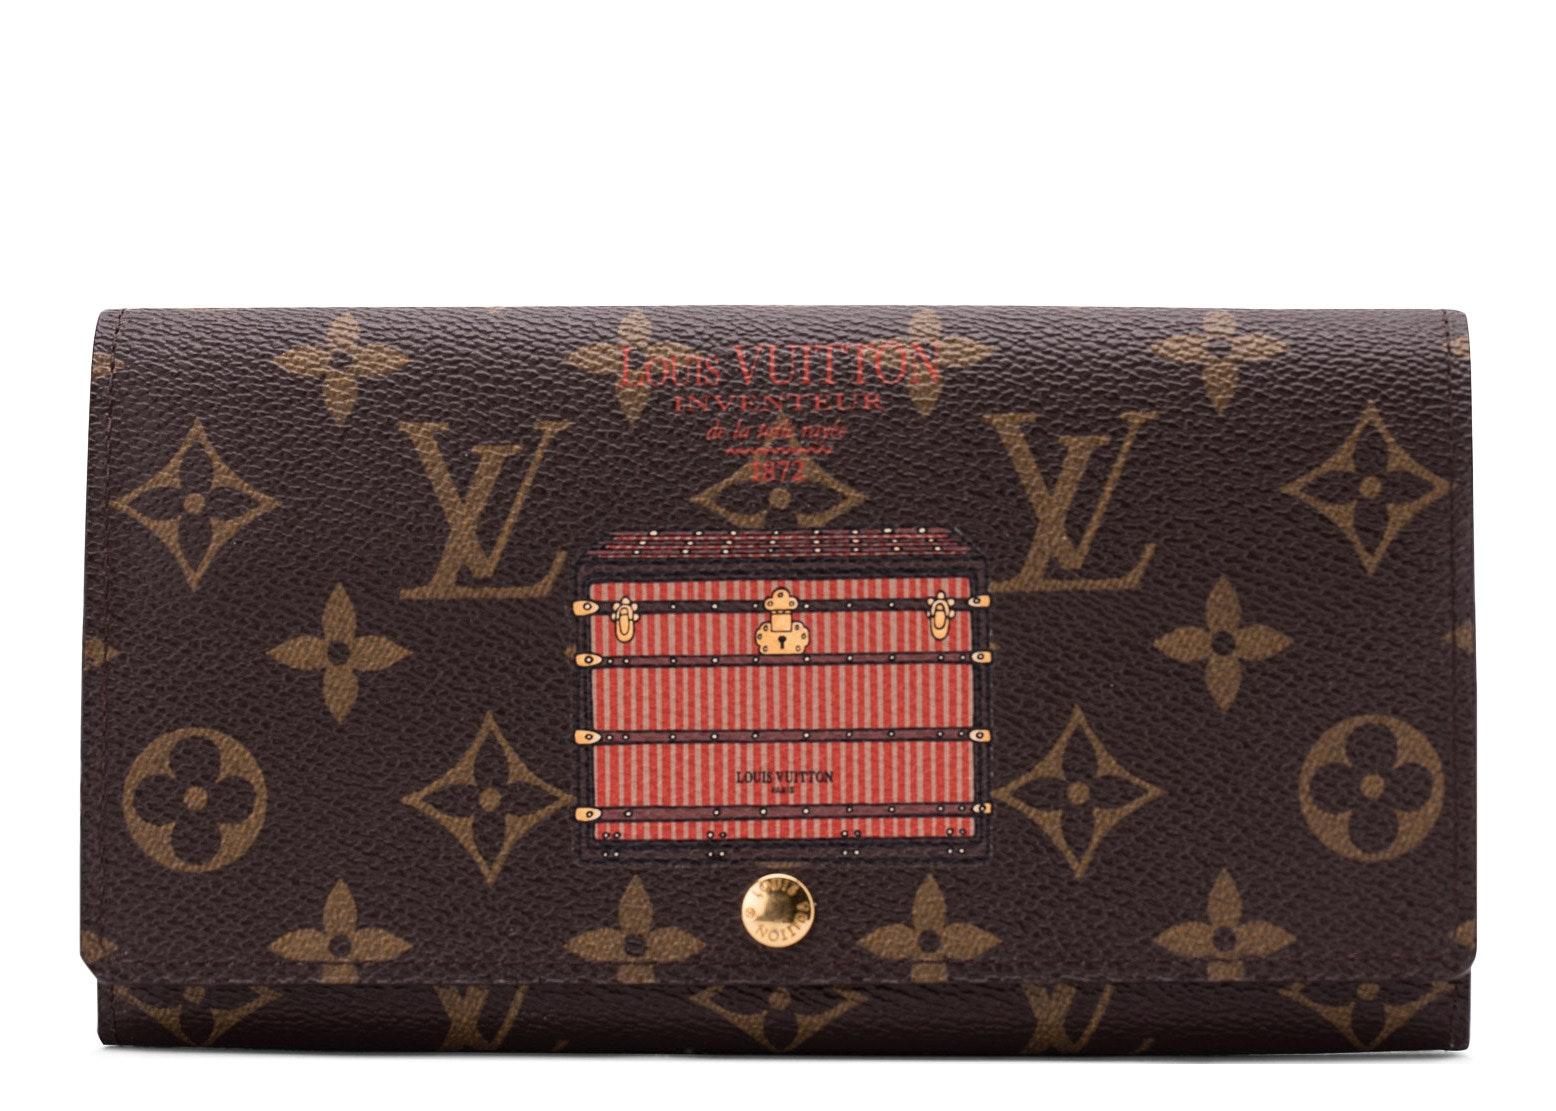 Louis Vuitton Sarah Wallet Trunks and Locks Monogram Brown